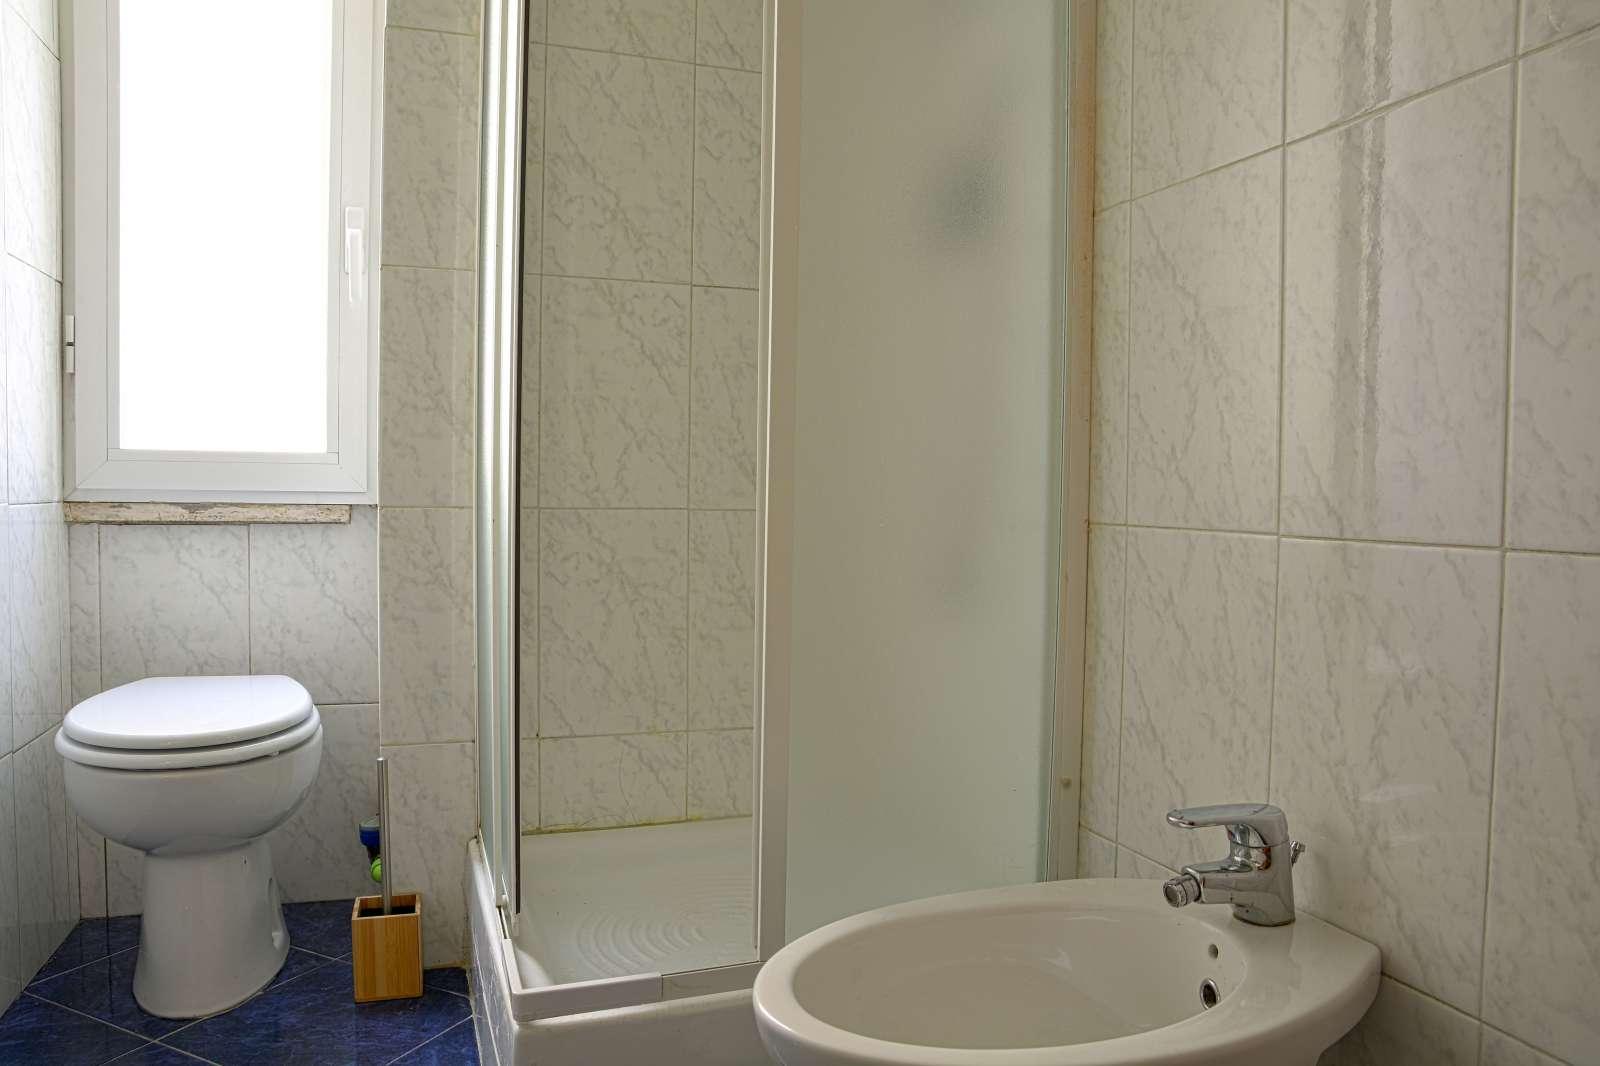 Grande monolocale in affitto vicino a via tironfale roma - Posso andare in bagno in inglese ...